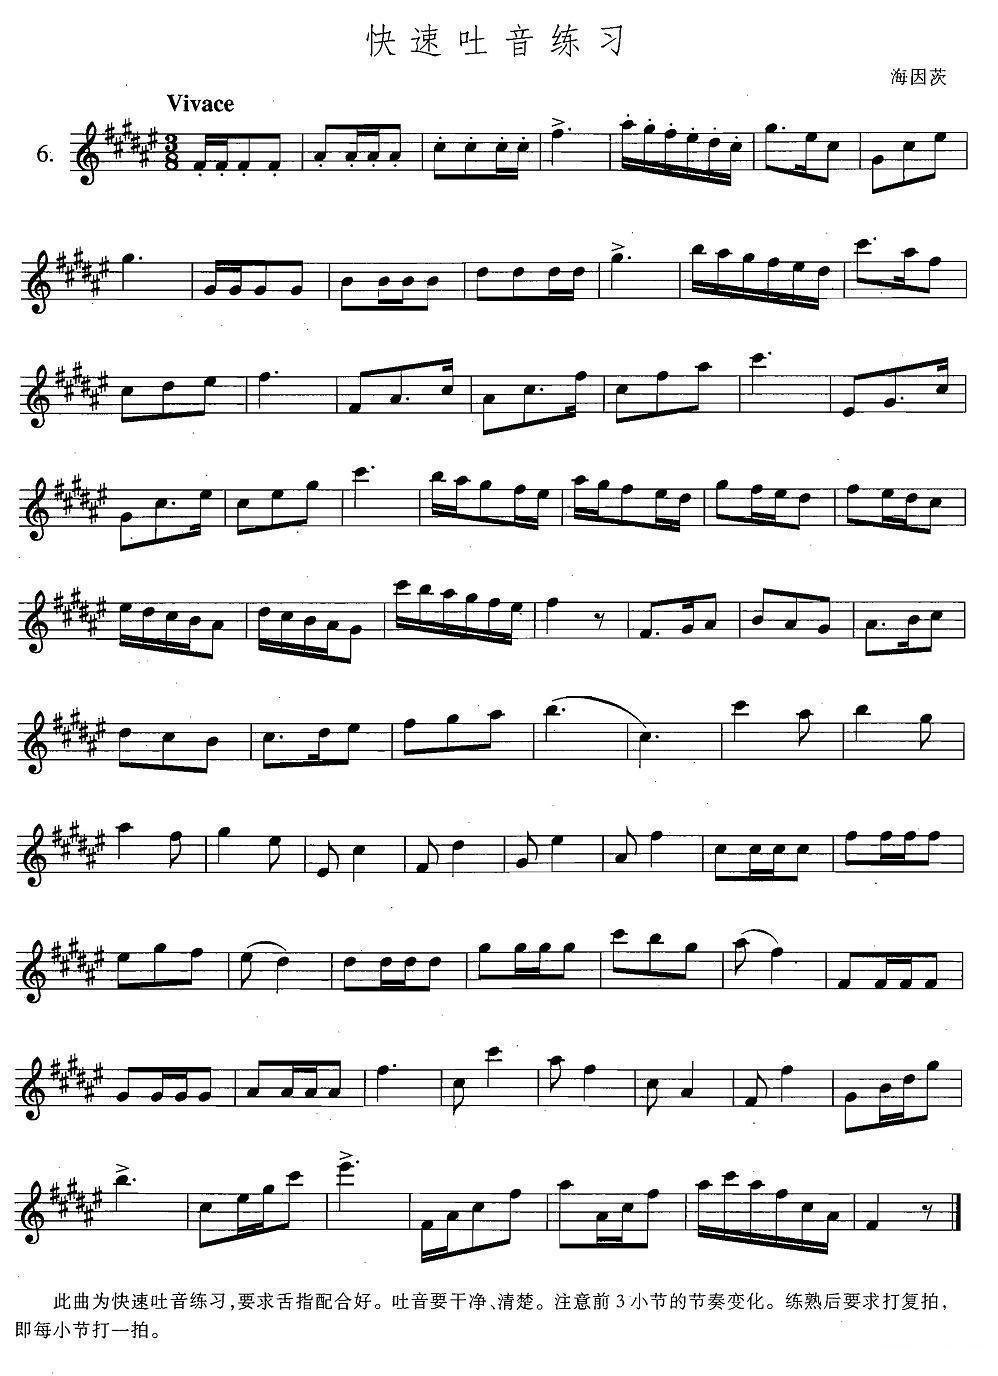 萨克斯练习曲合集 萨克斯谱